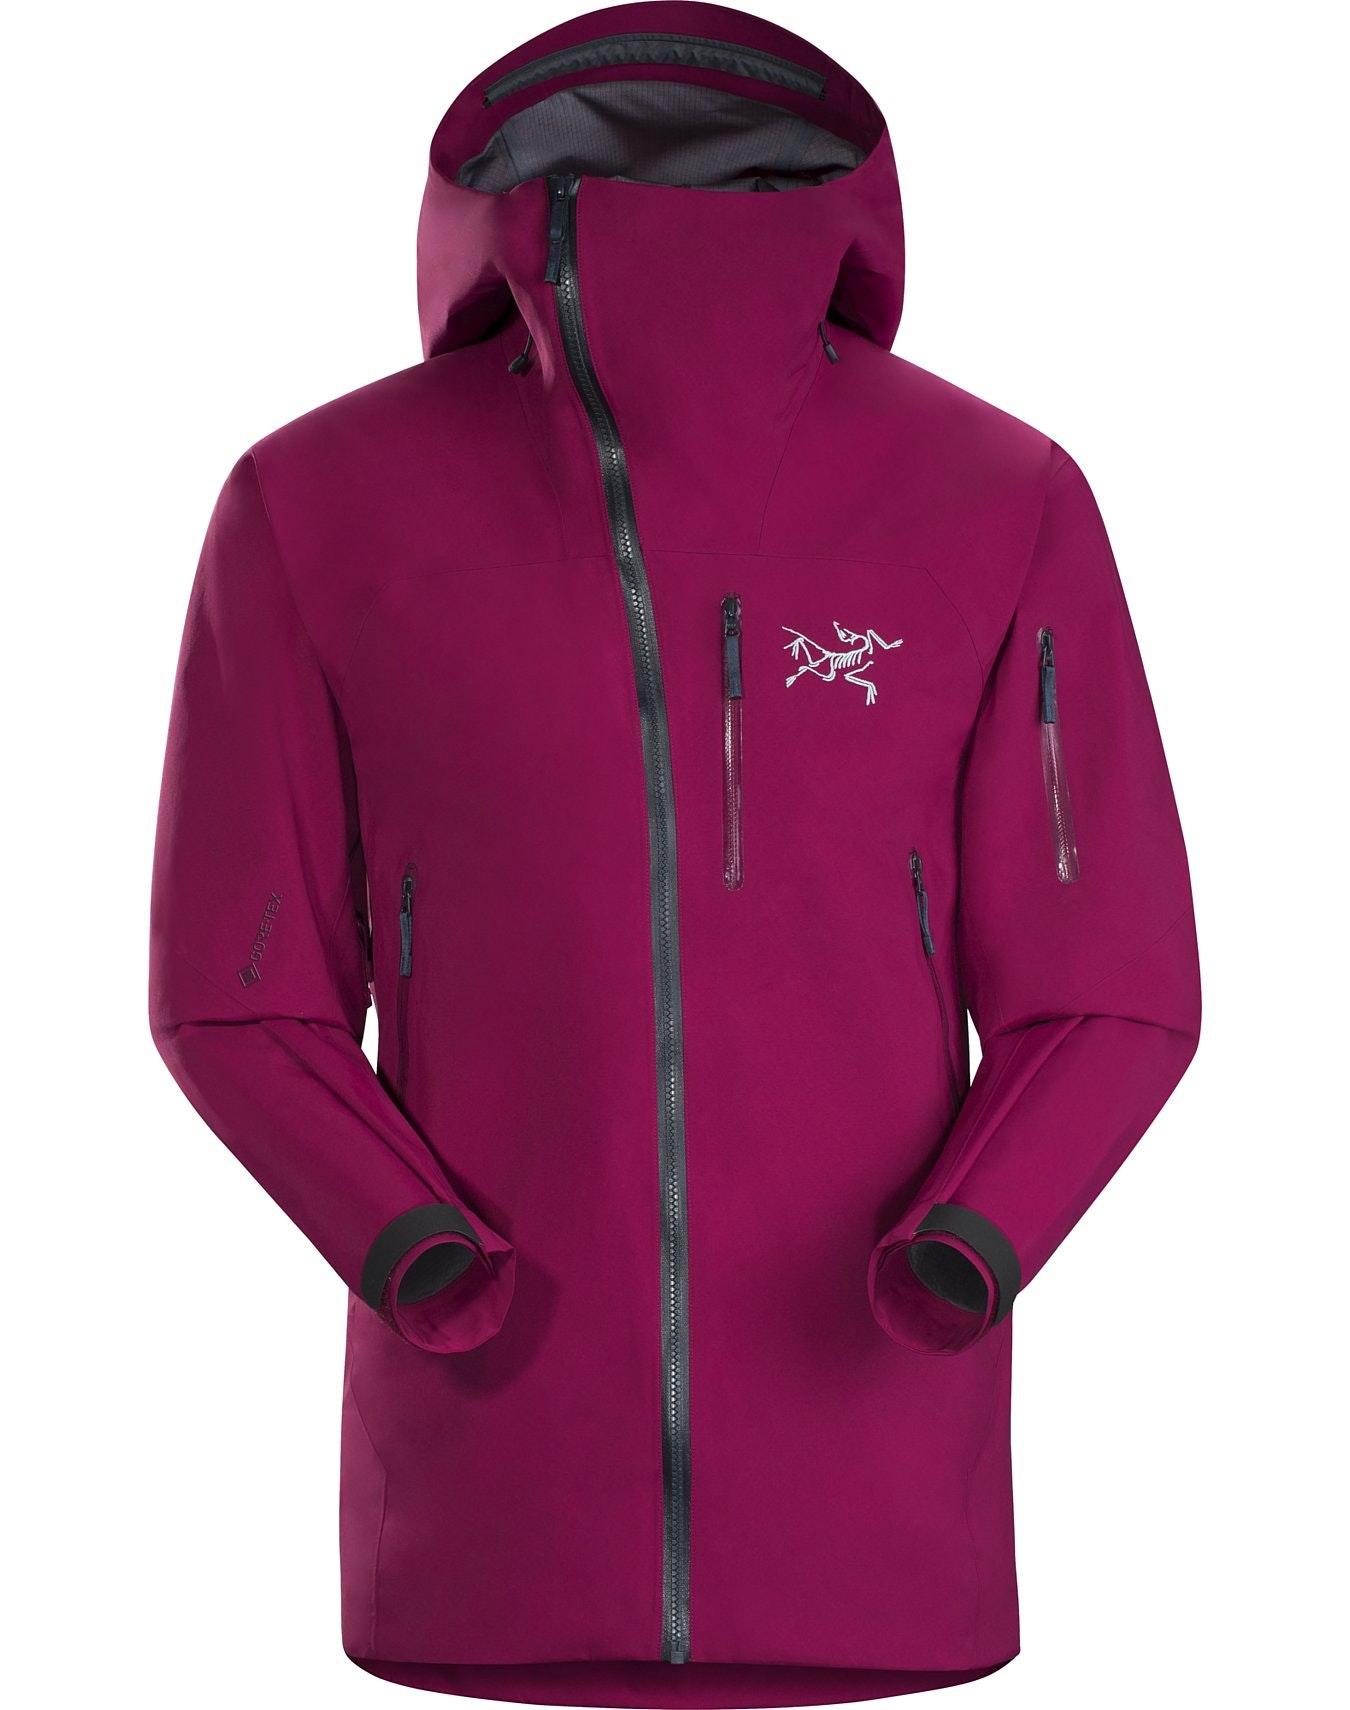 sidewinder jacket herren  bekleidung damen sweatshirt c 1_18 #7